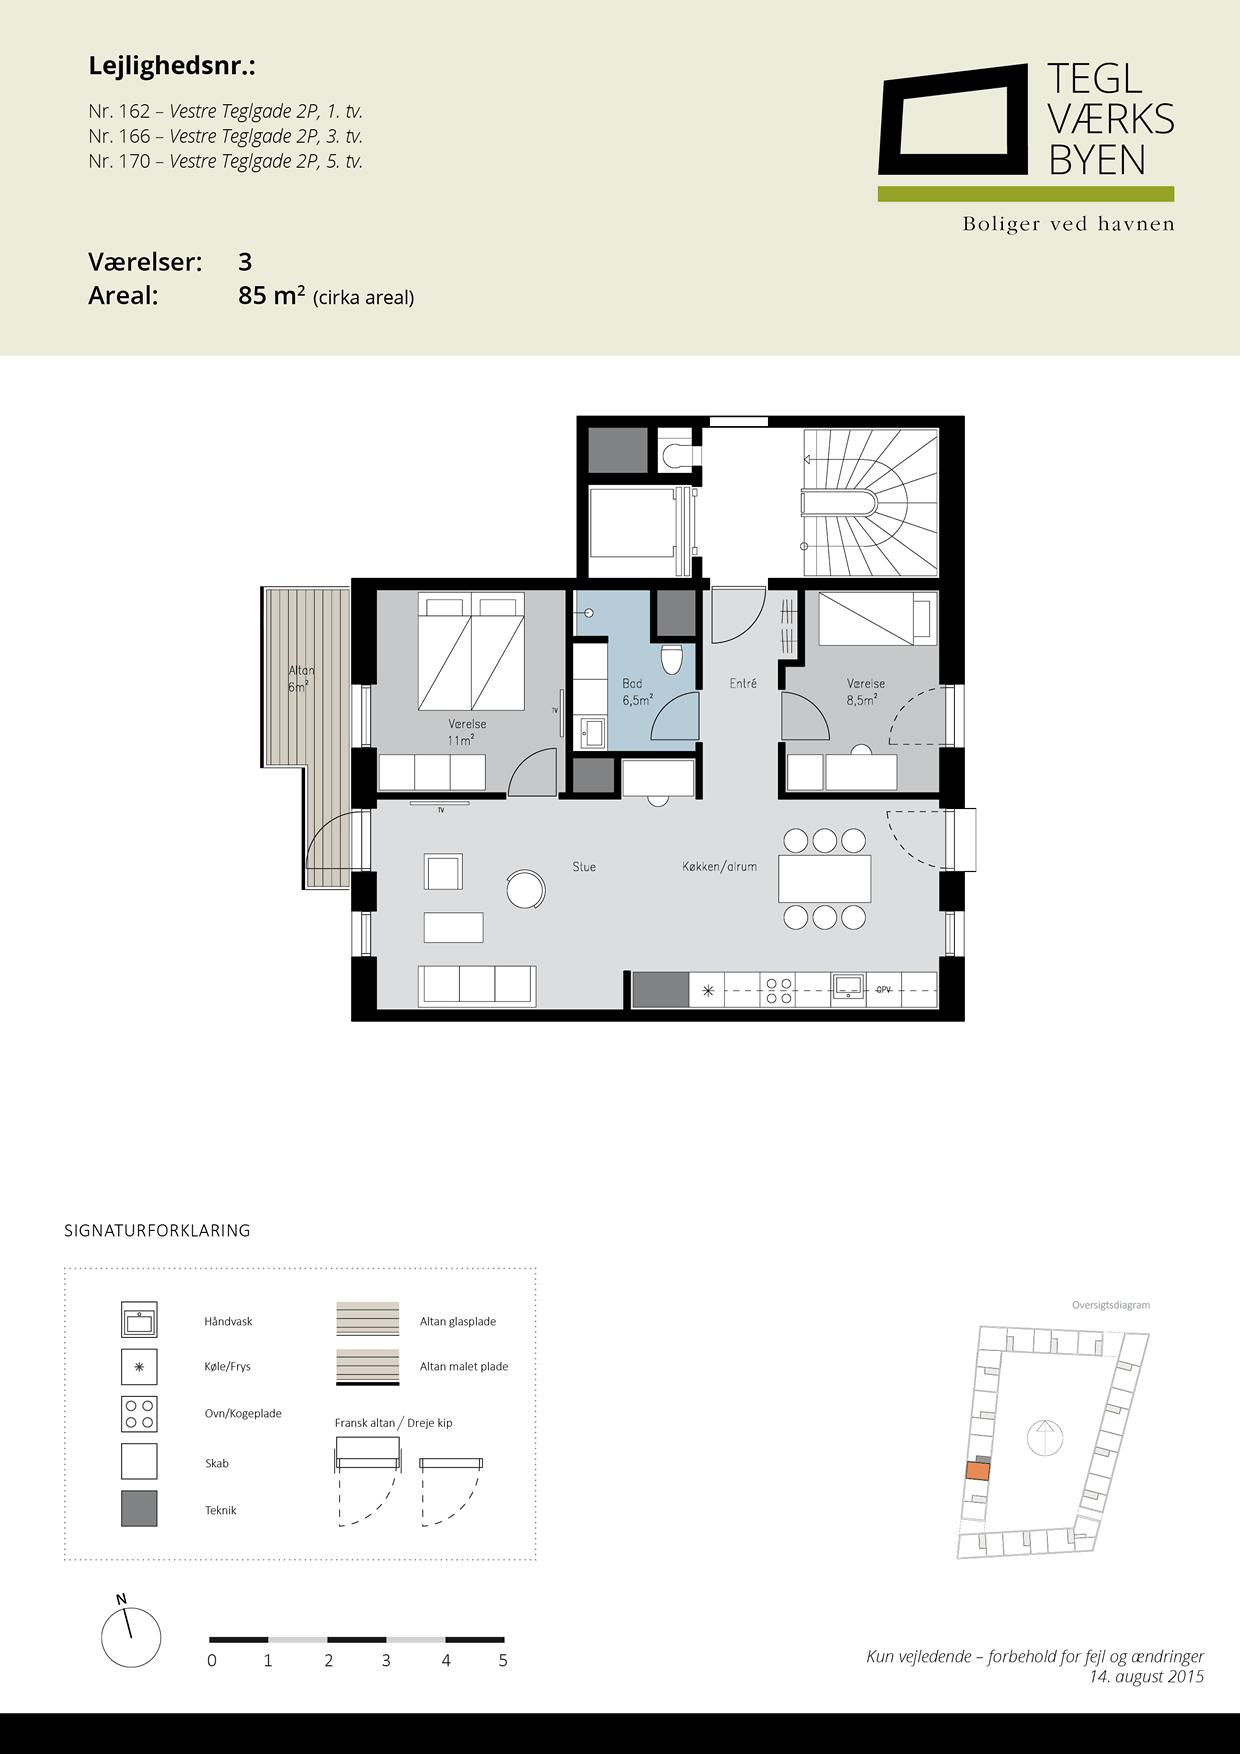 Teglvaerksbyen_162-166-170_plan